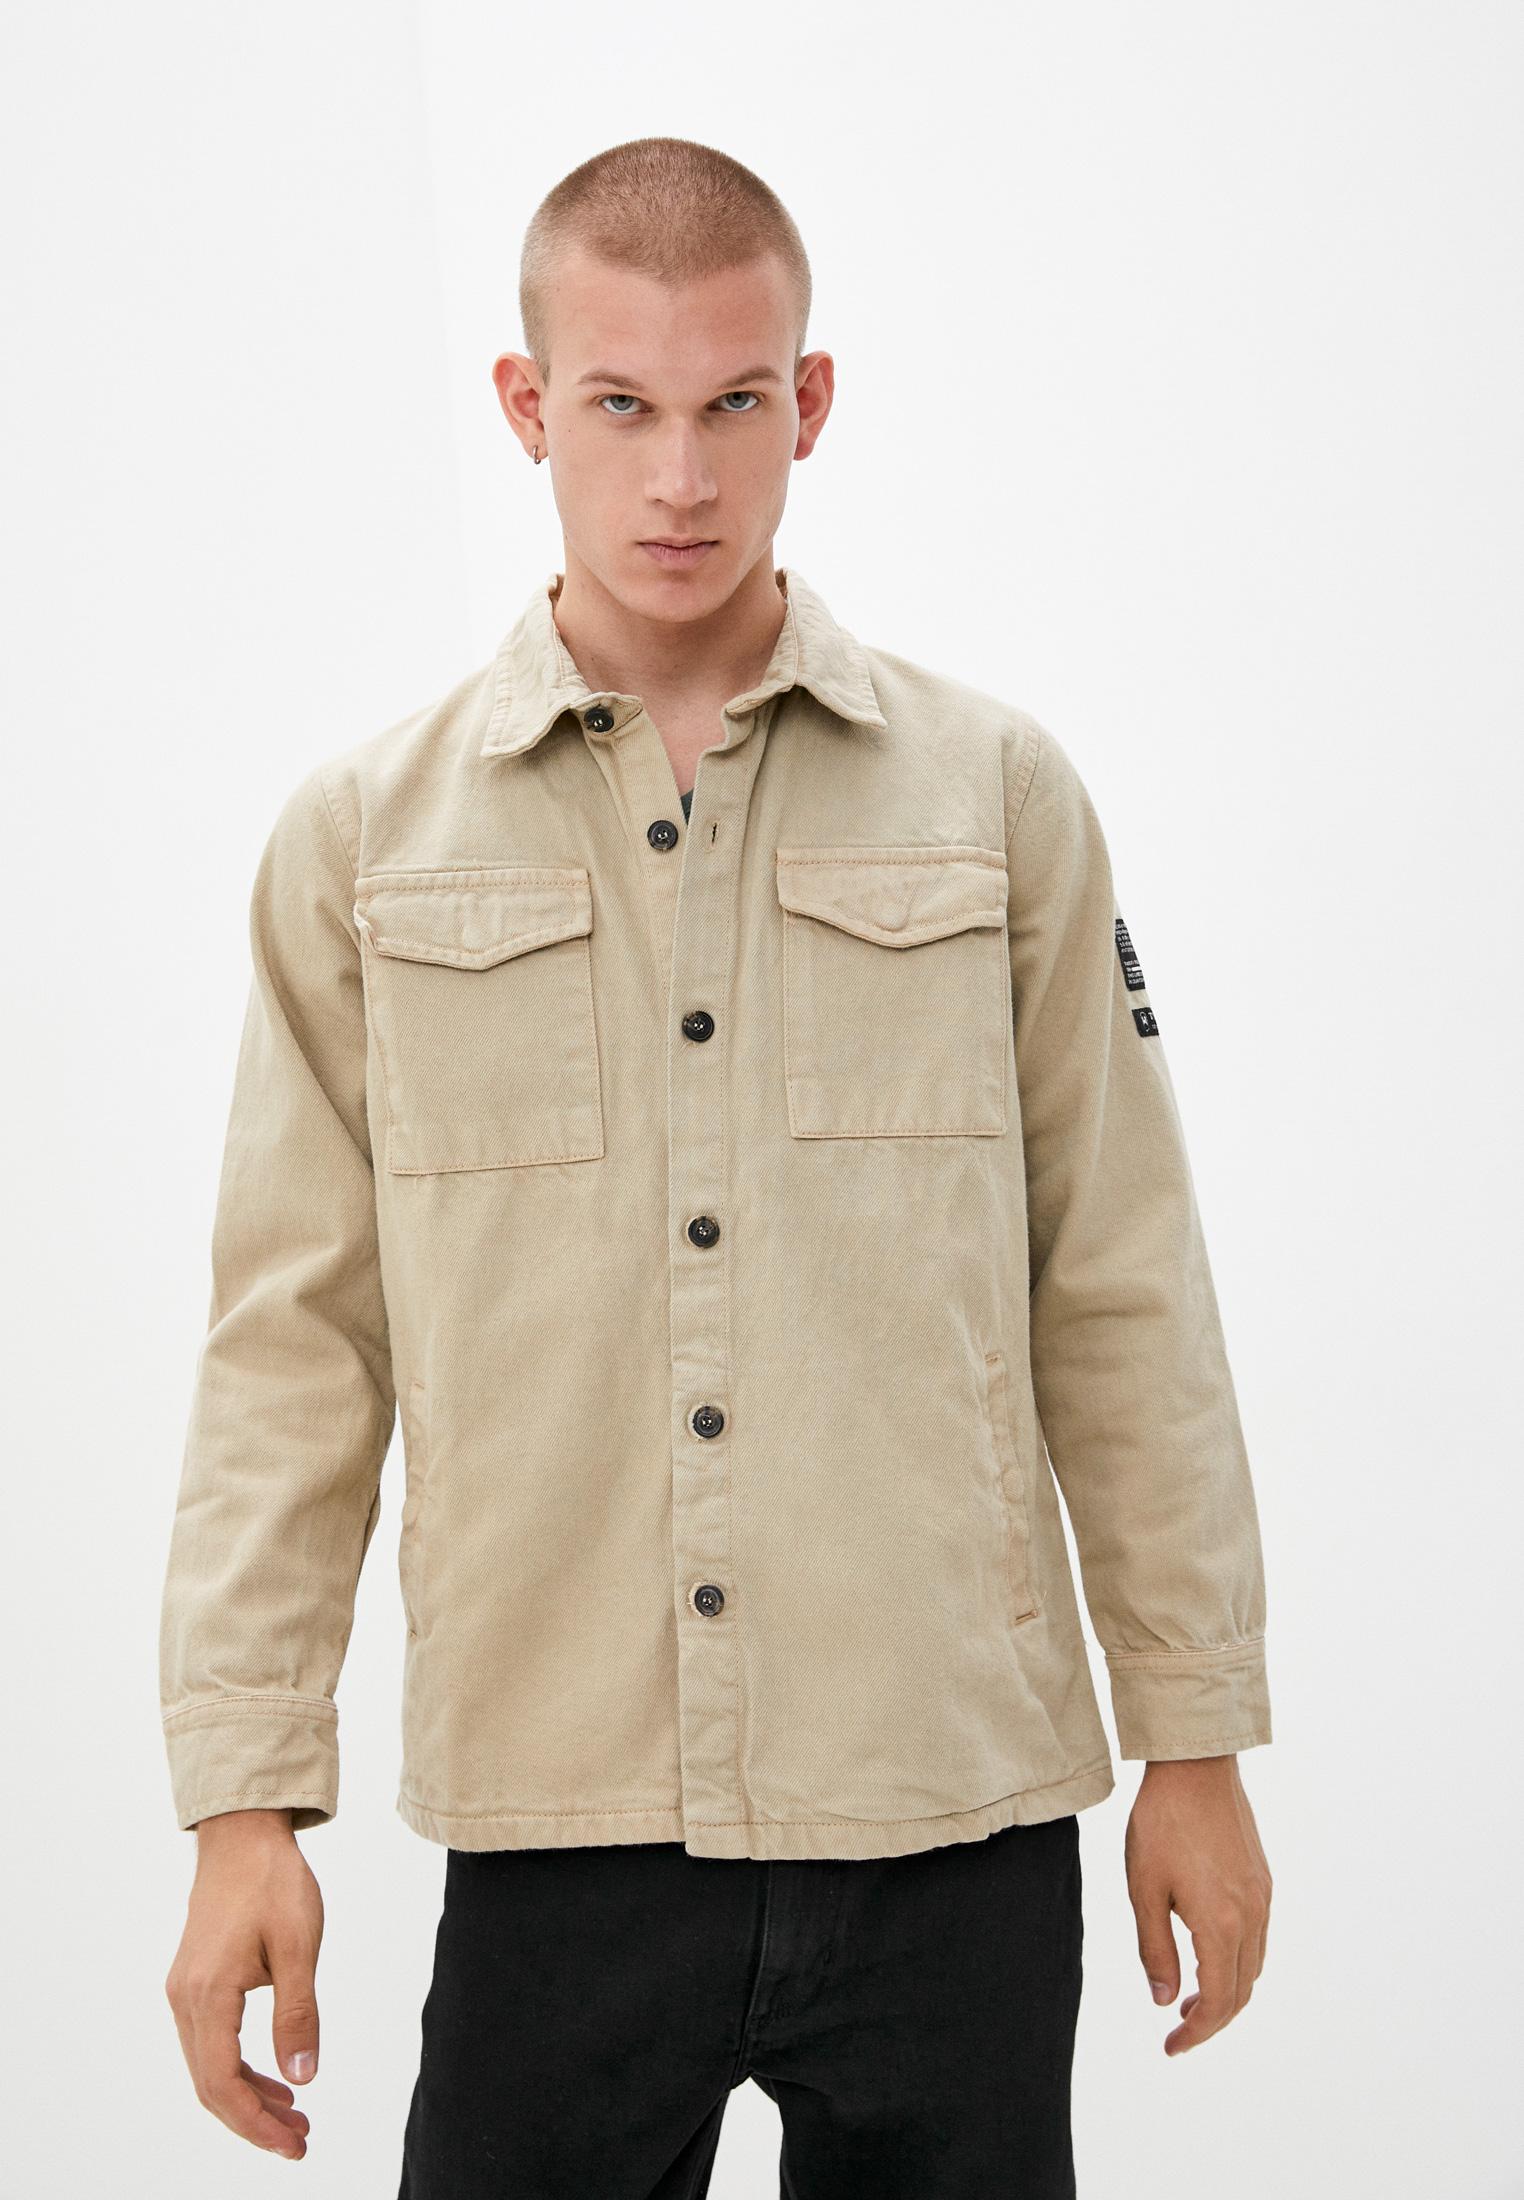 Джинсовая куртка RNT23 Куртка джинсовая RNT23